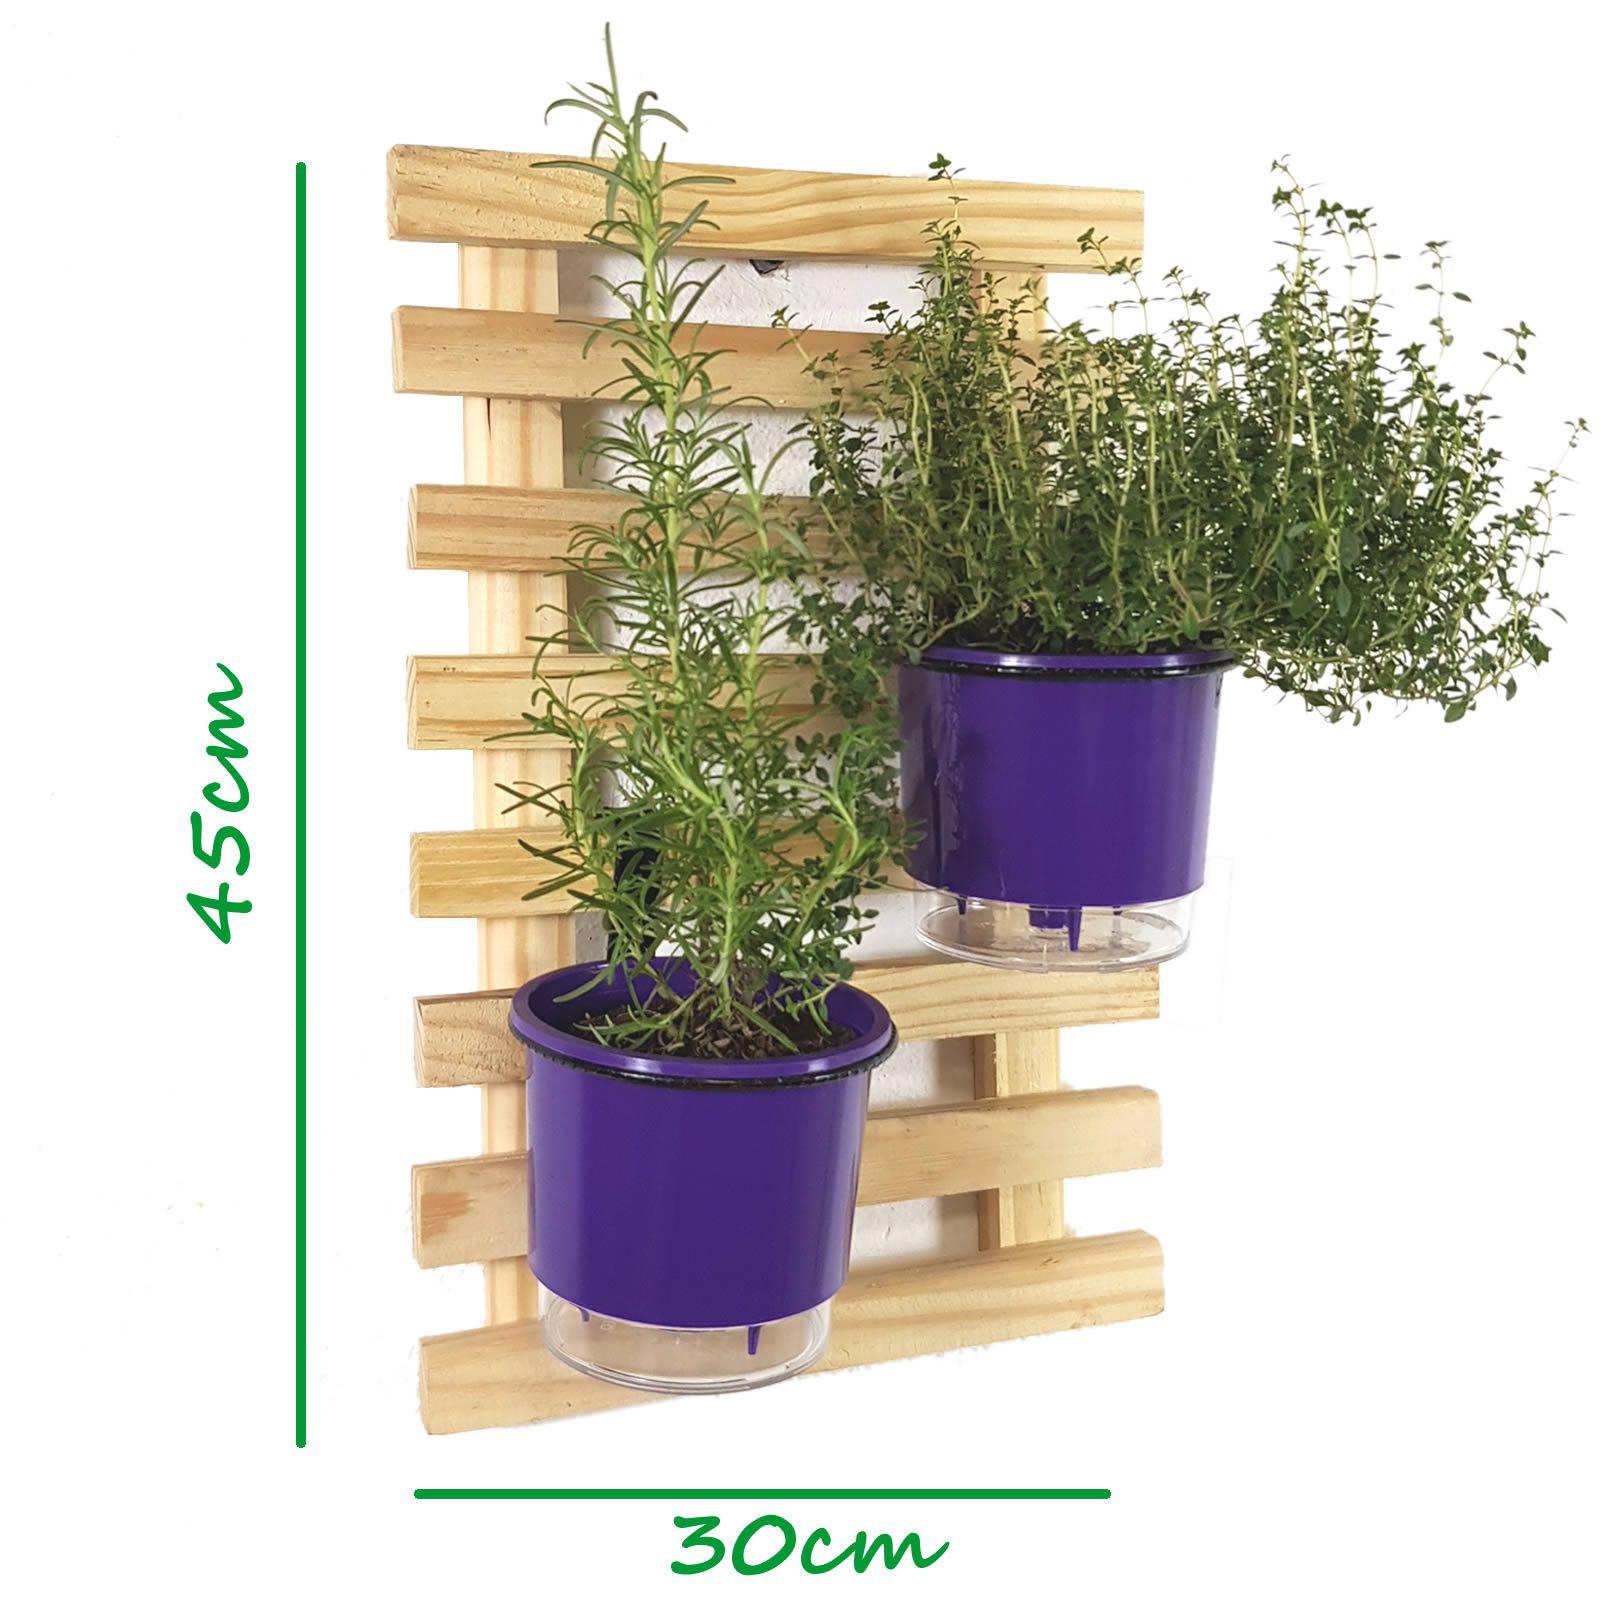 Treliça Minizinha 45x30cm Natural + 2 Suportes + 2 Vasos Raiz Pequenos N2 - Roxo